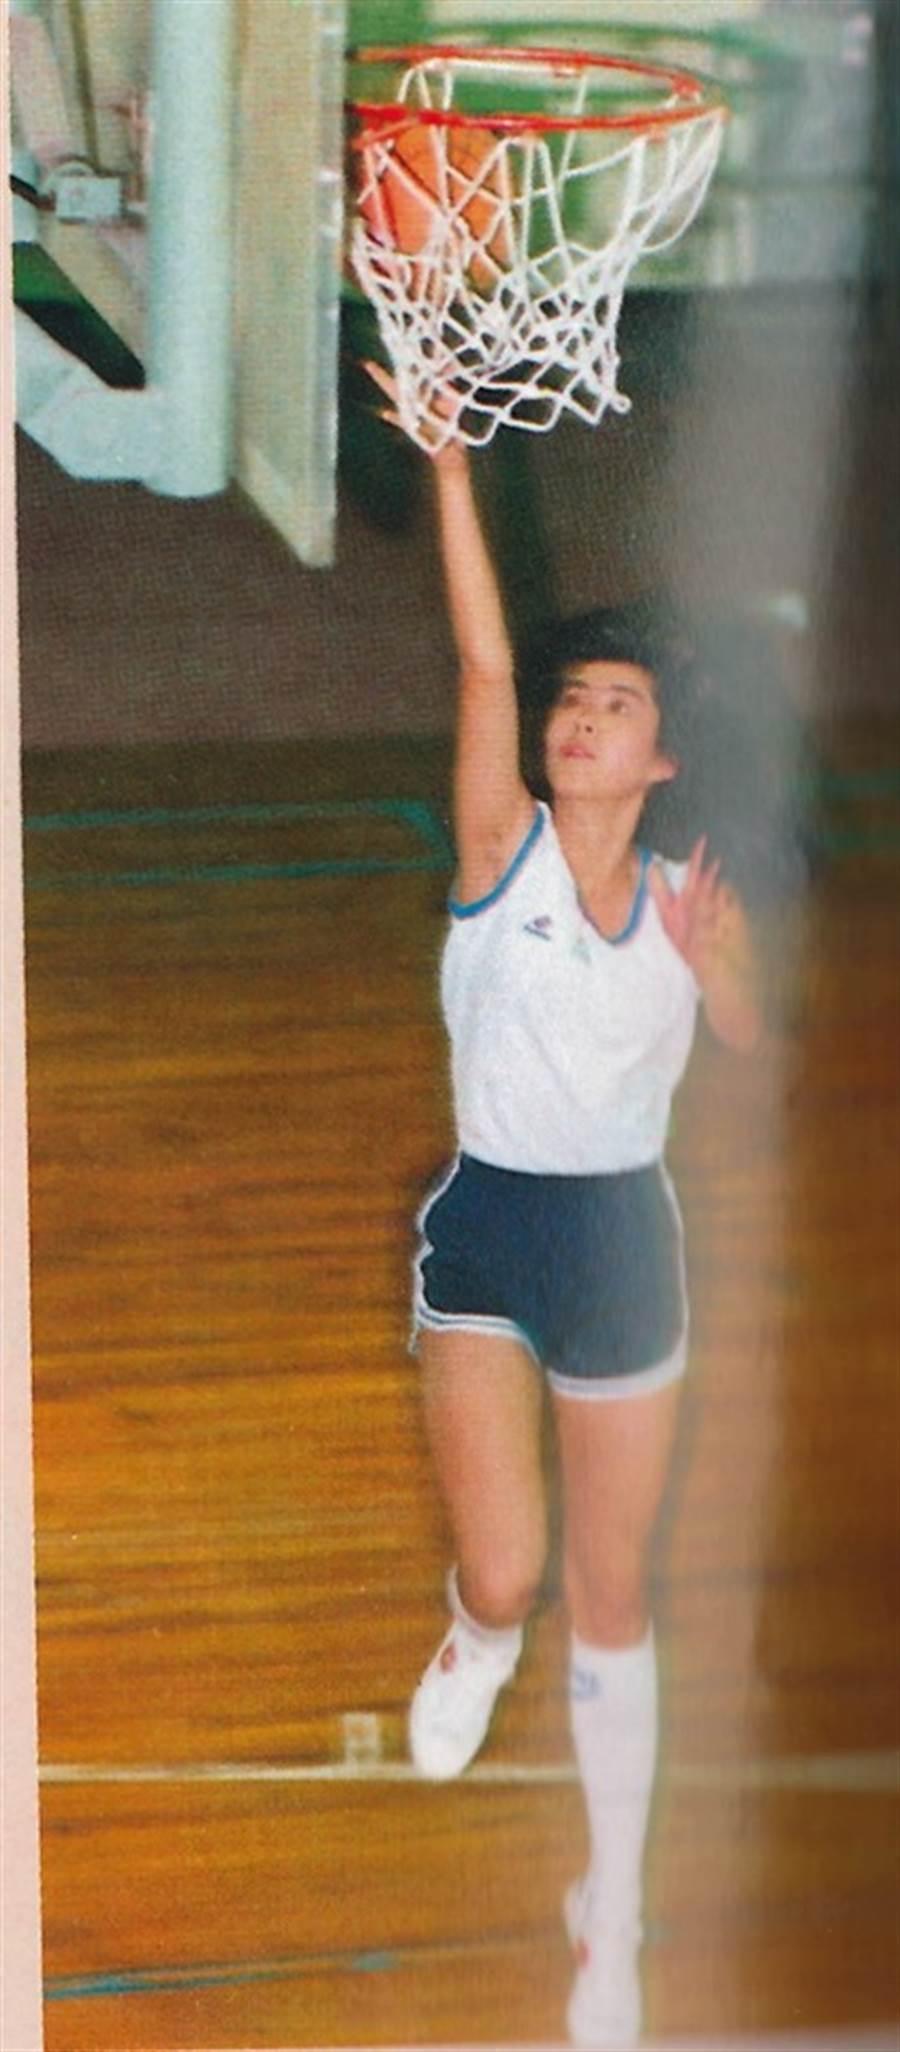 王祖賢上籃姿勢完美。(圖/取自「籃球紙箱」臉書)